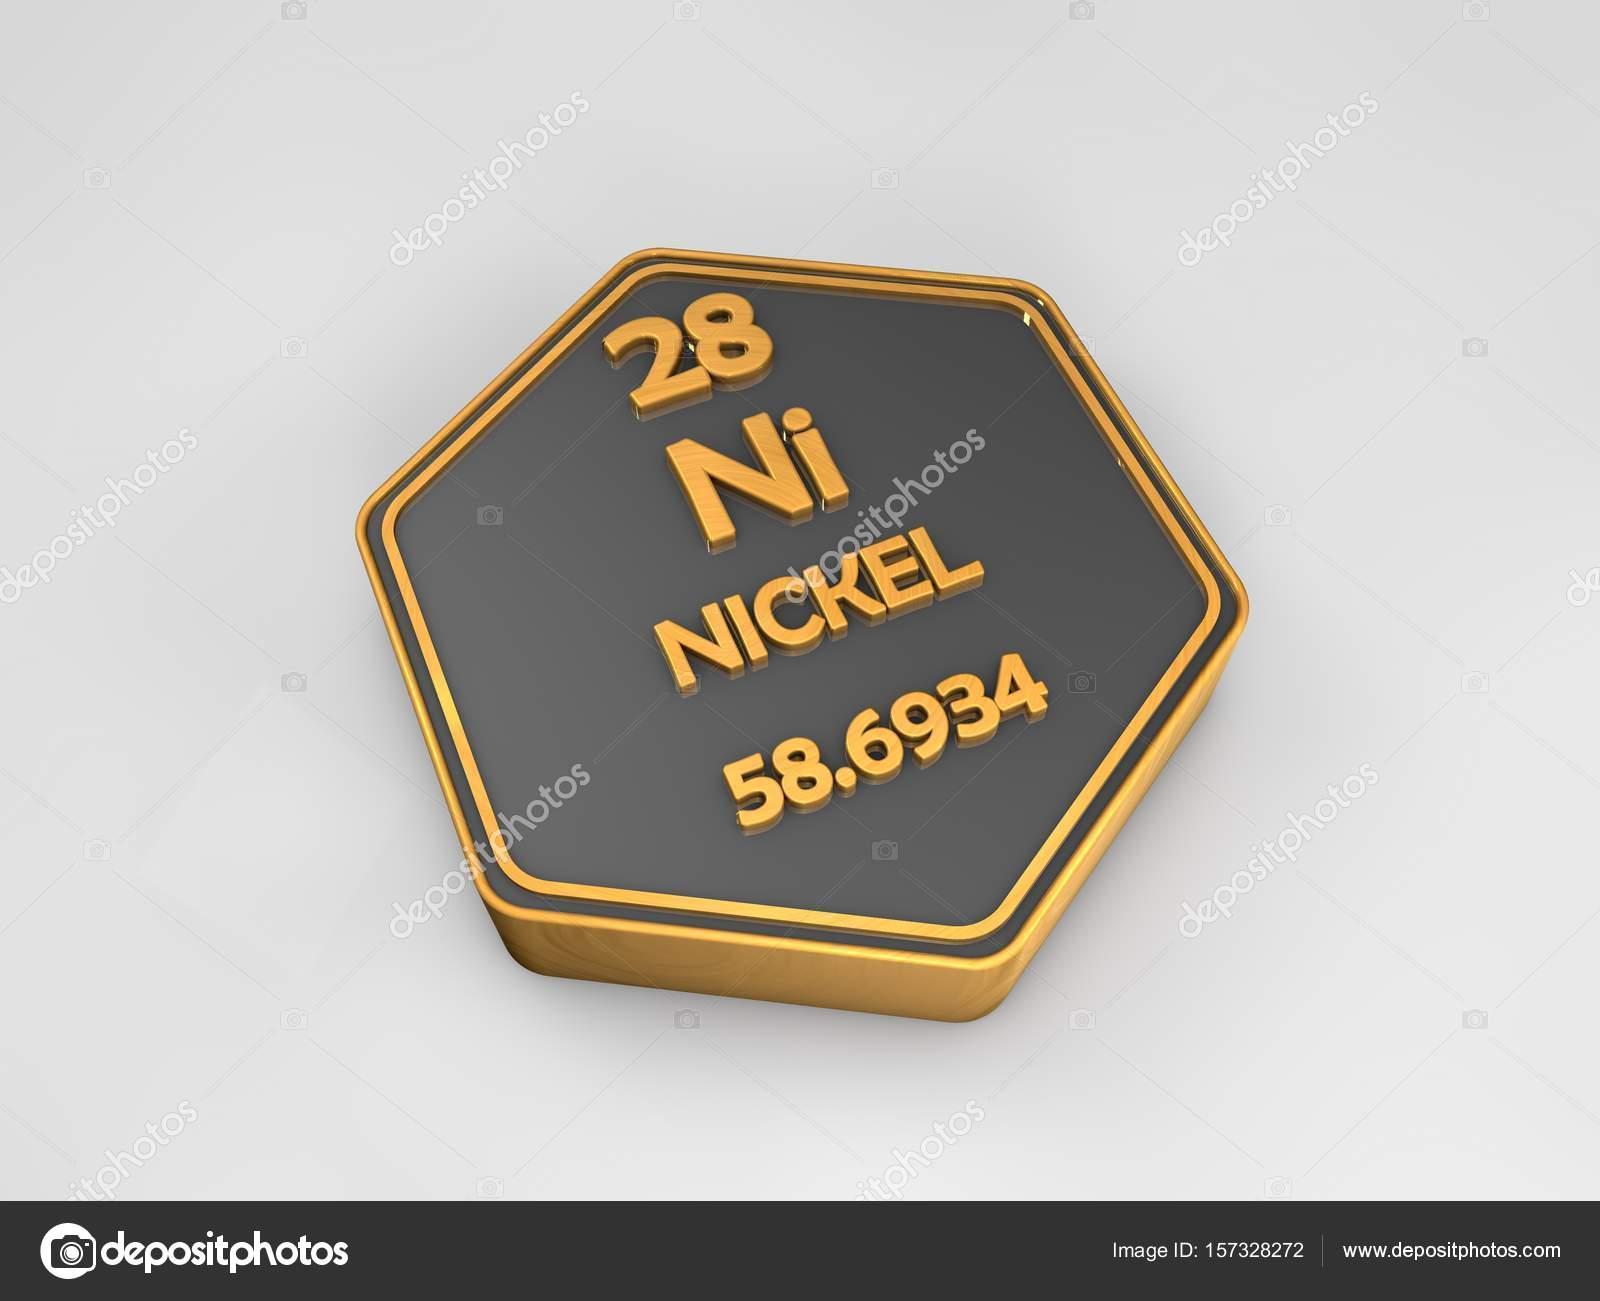 Nquel ni elemento qumico tabla peridica forma hexagonal 3d nquel ni elemento qumico tabla peridica forma hexagonal 3d render foto de stock urtaz Images